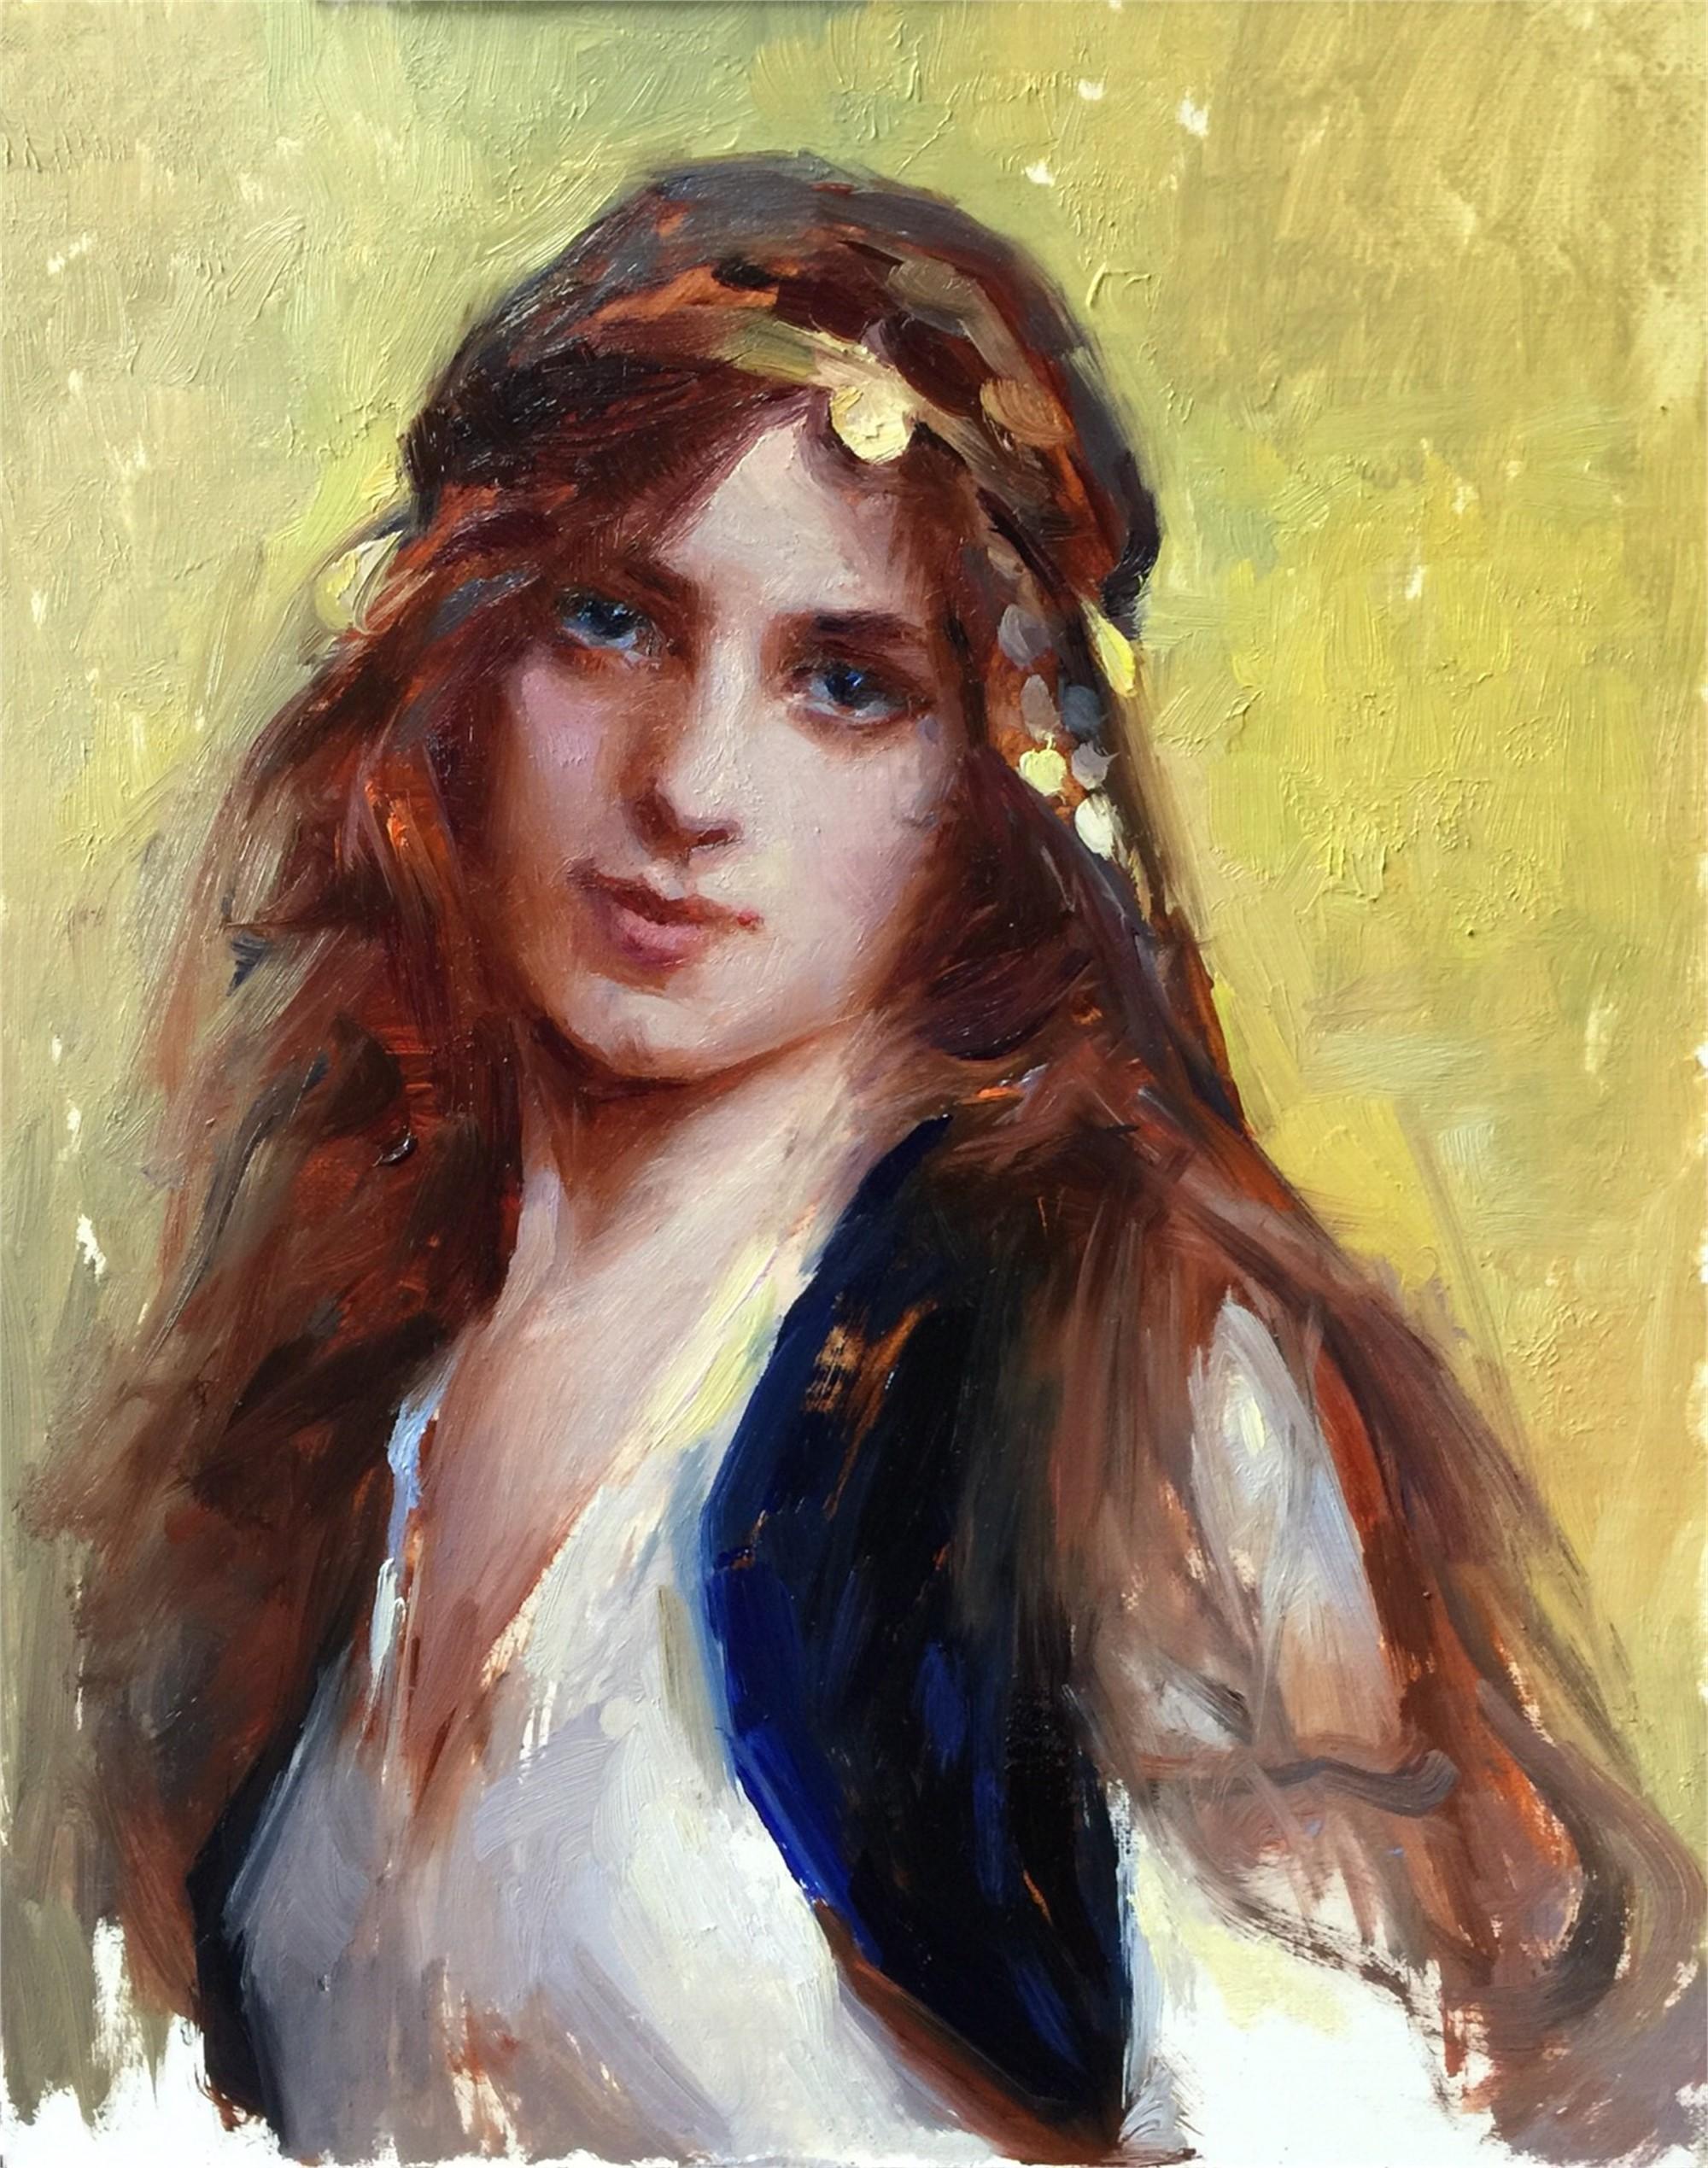 Gypsy in Velvet by Suchitra Bhosle